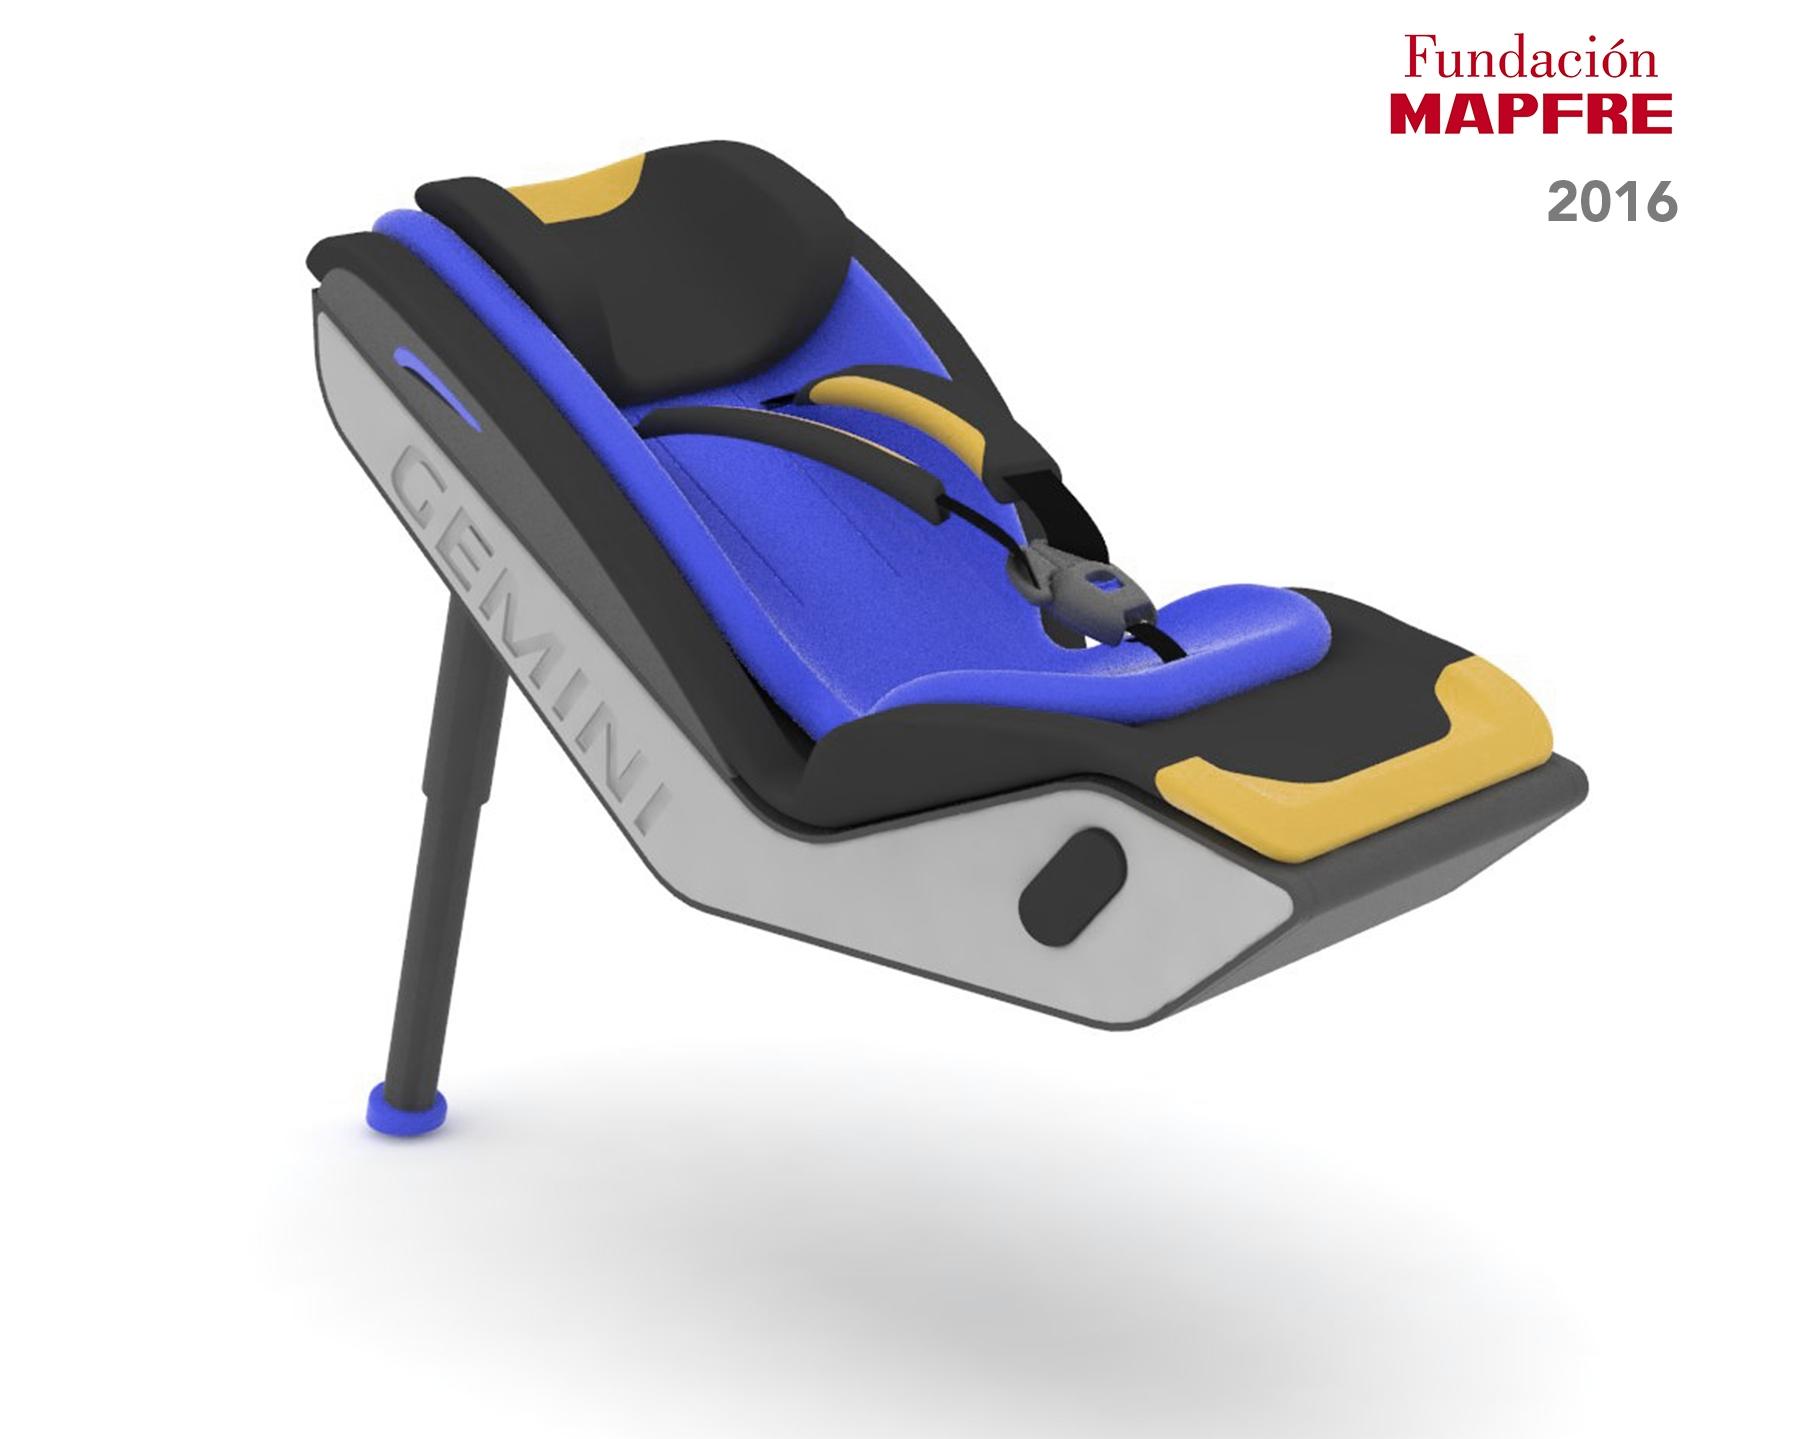 GEMINI - Fundación Mapfre R+D